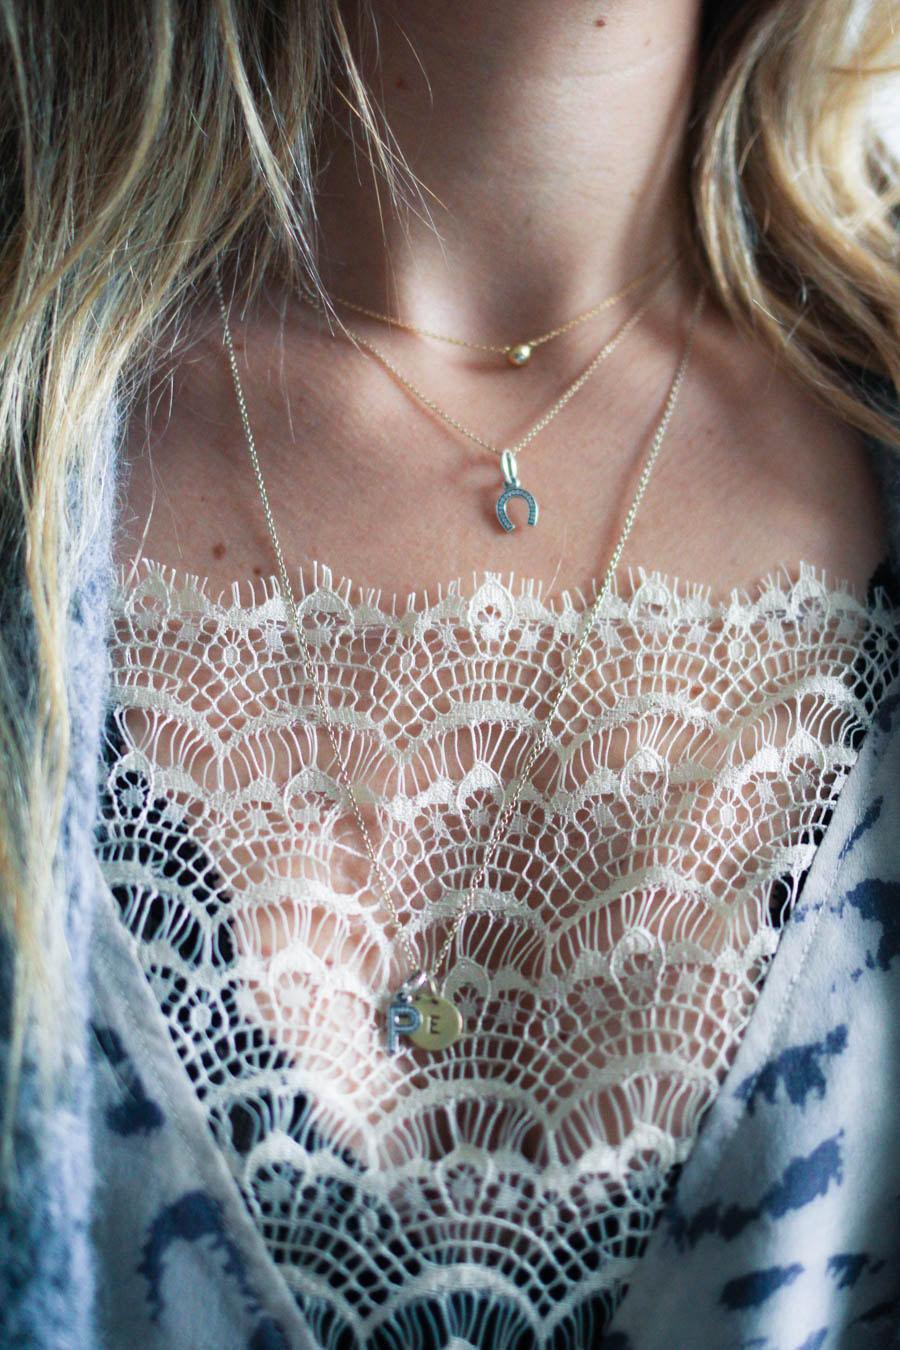 Emily Salomon blog photos by Marie My pandora jewelry Nemesis Babe-14